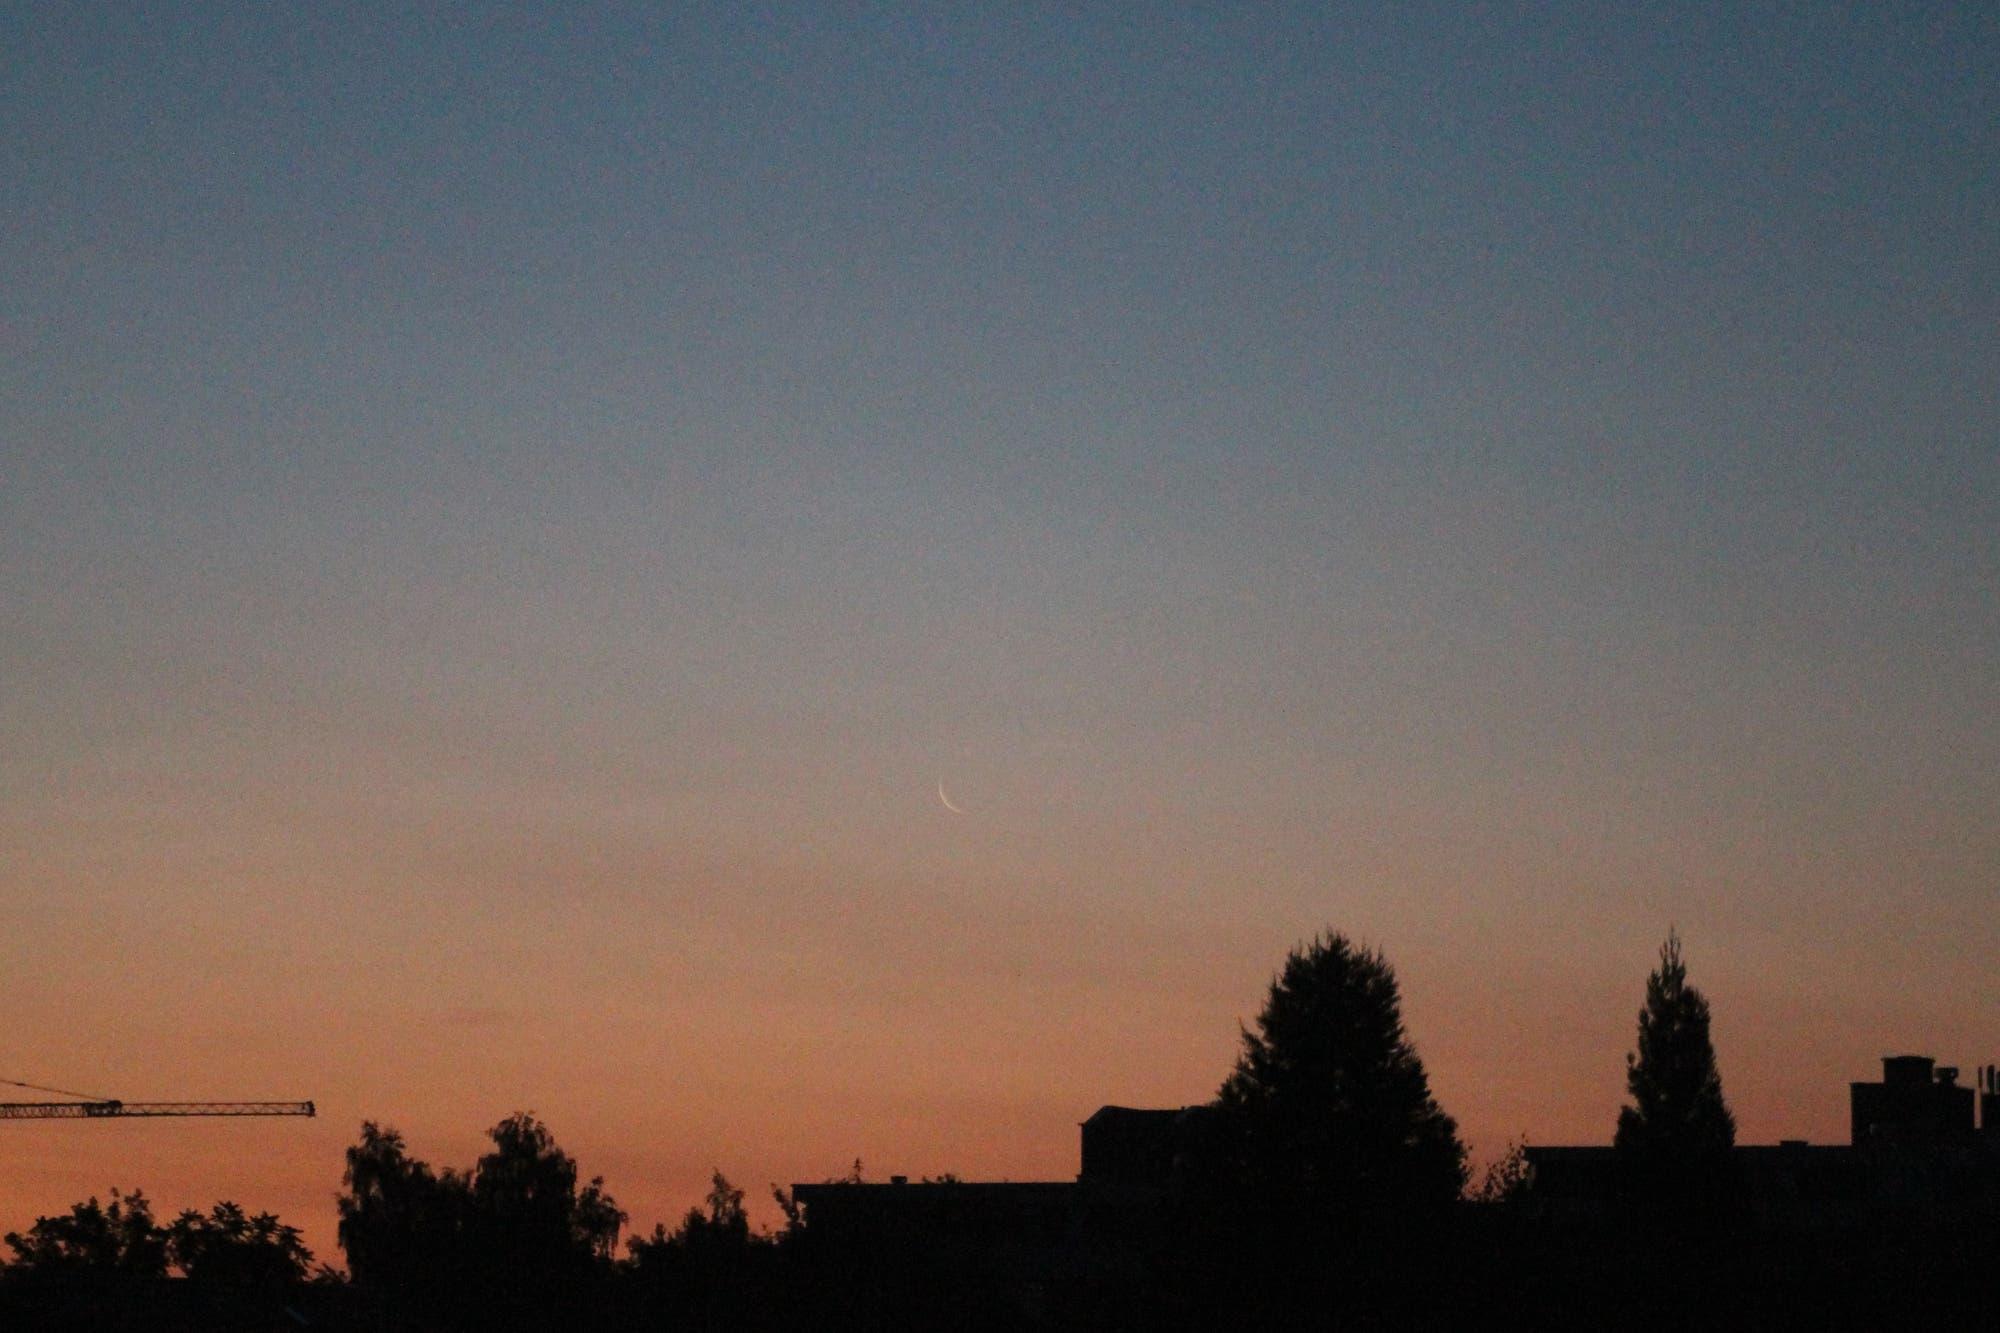 Dünne Mondsichel in der Morgendämmerung